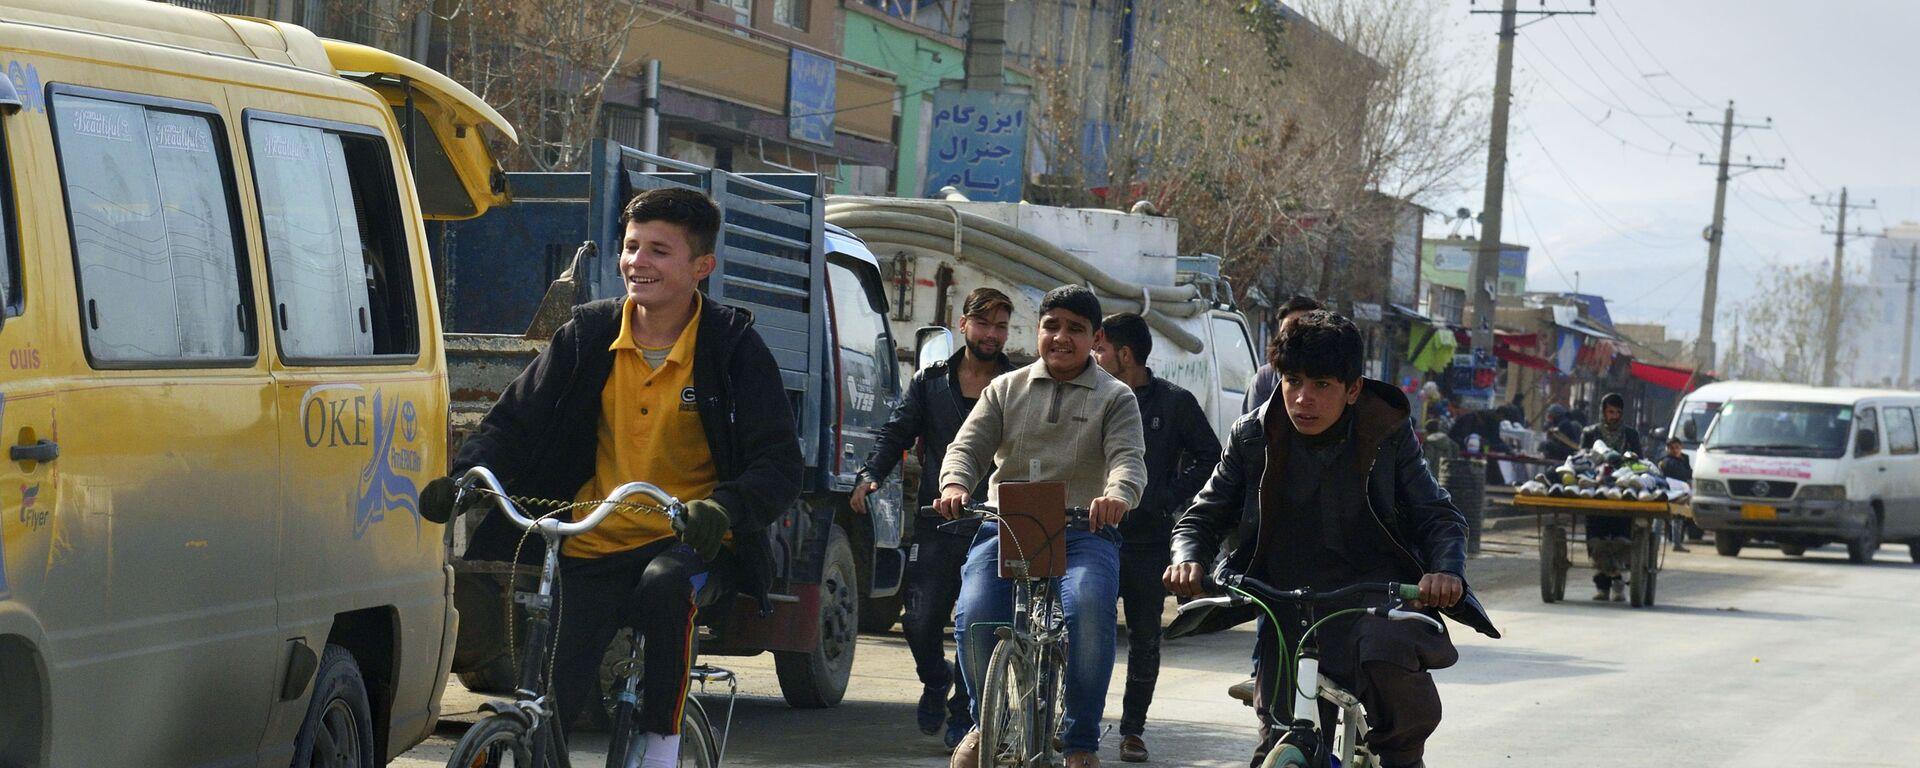 Кабульские мальчишки - Sputnik Таджикистан, 1920, 20.06.2021